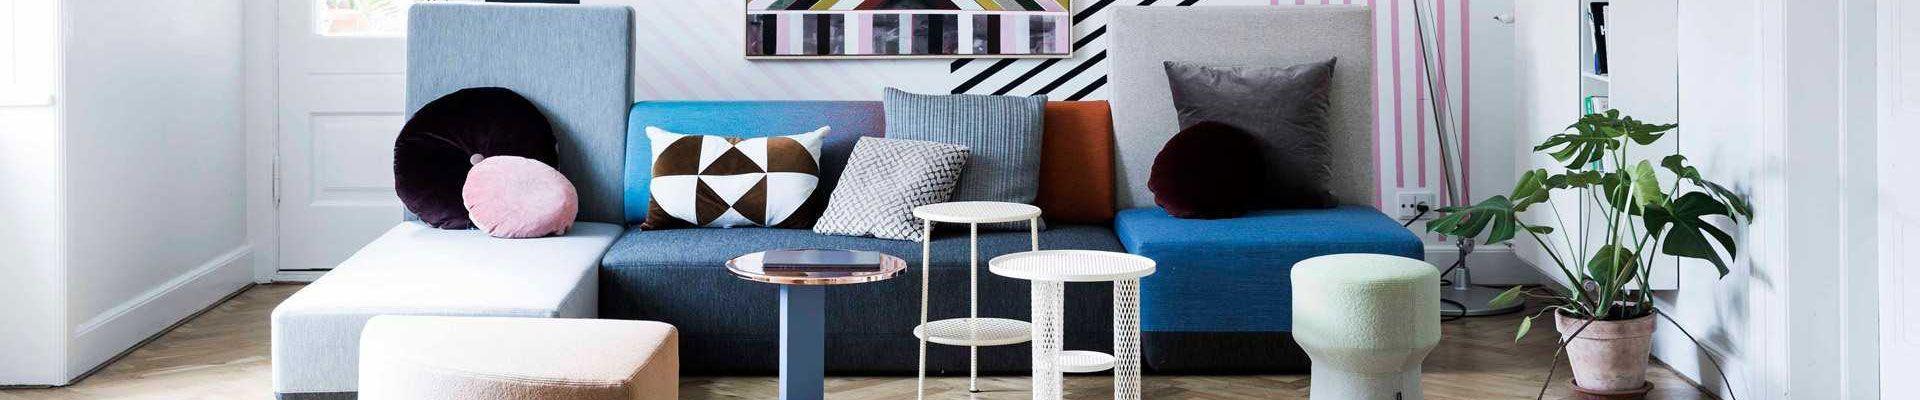 Felle kleuren in je interieur verwerken: hoe doe je dat?